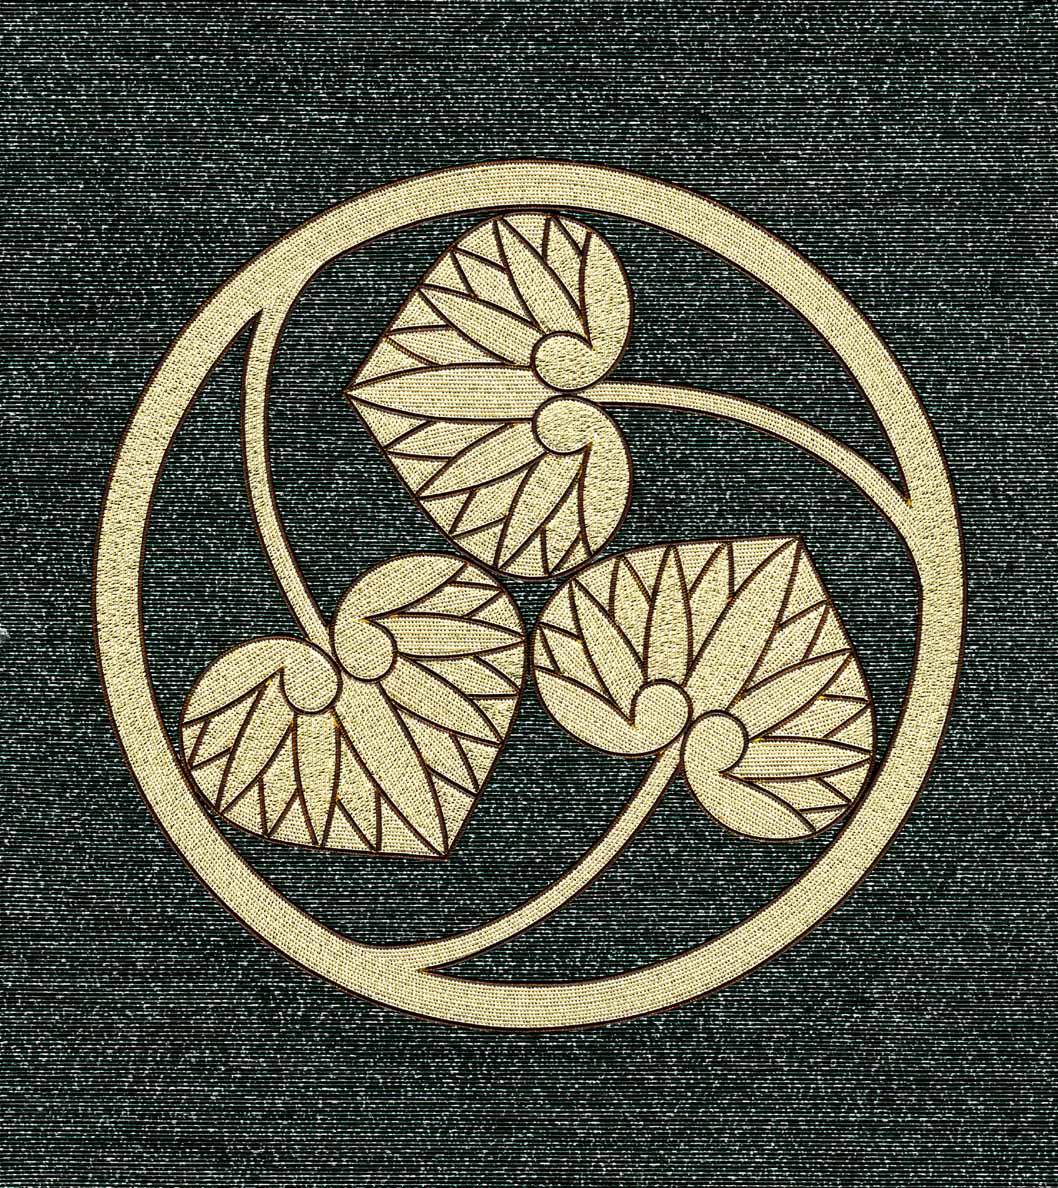 変わり三つ葵の丸